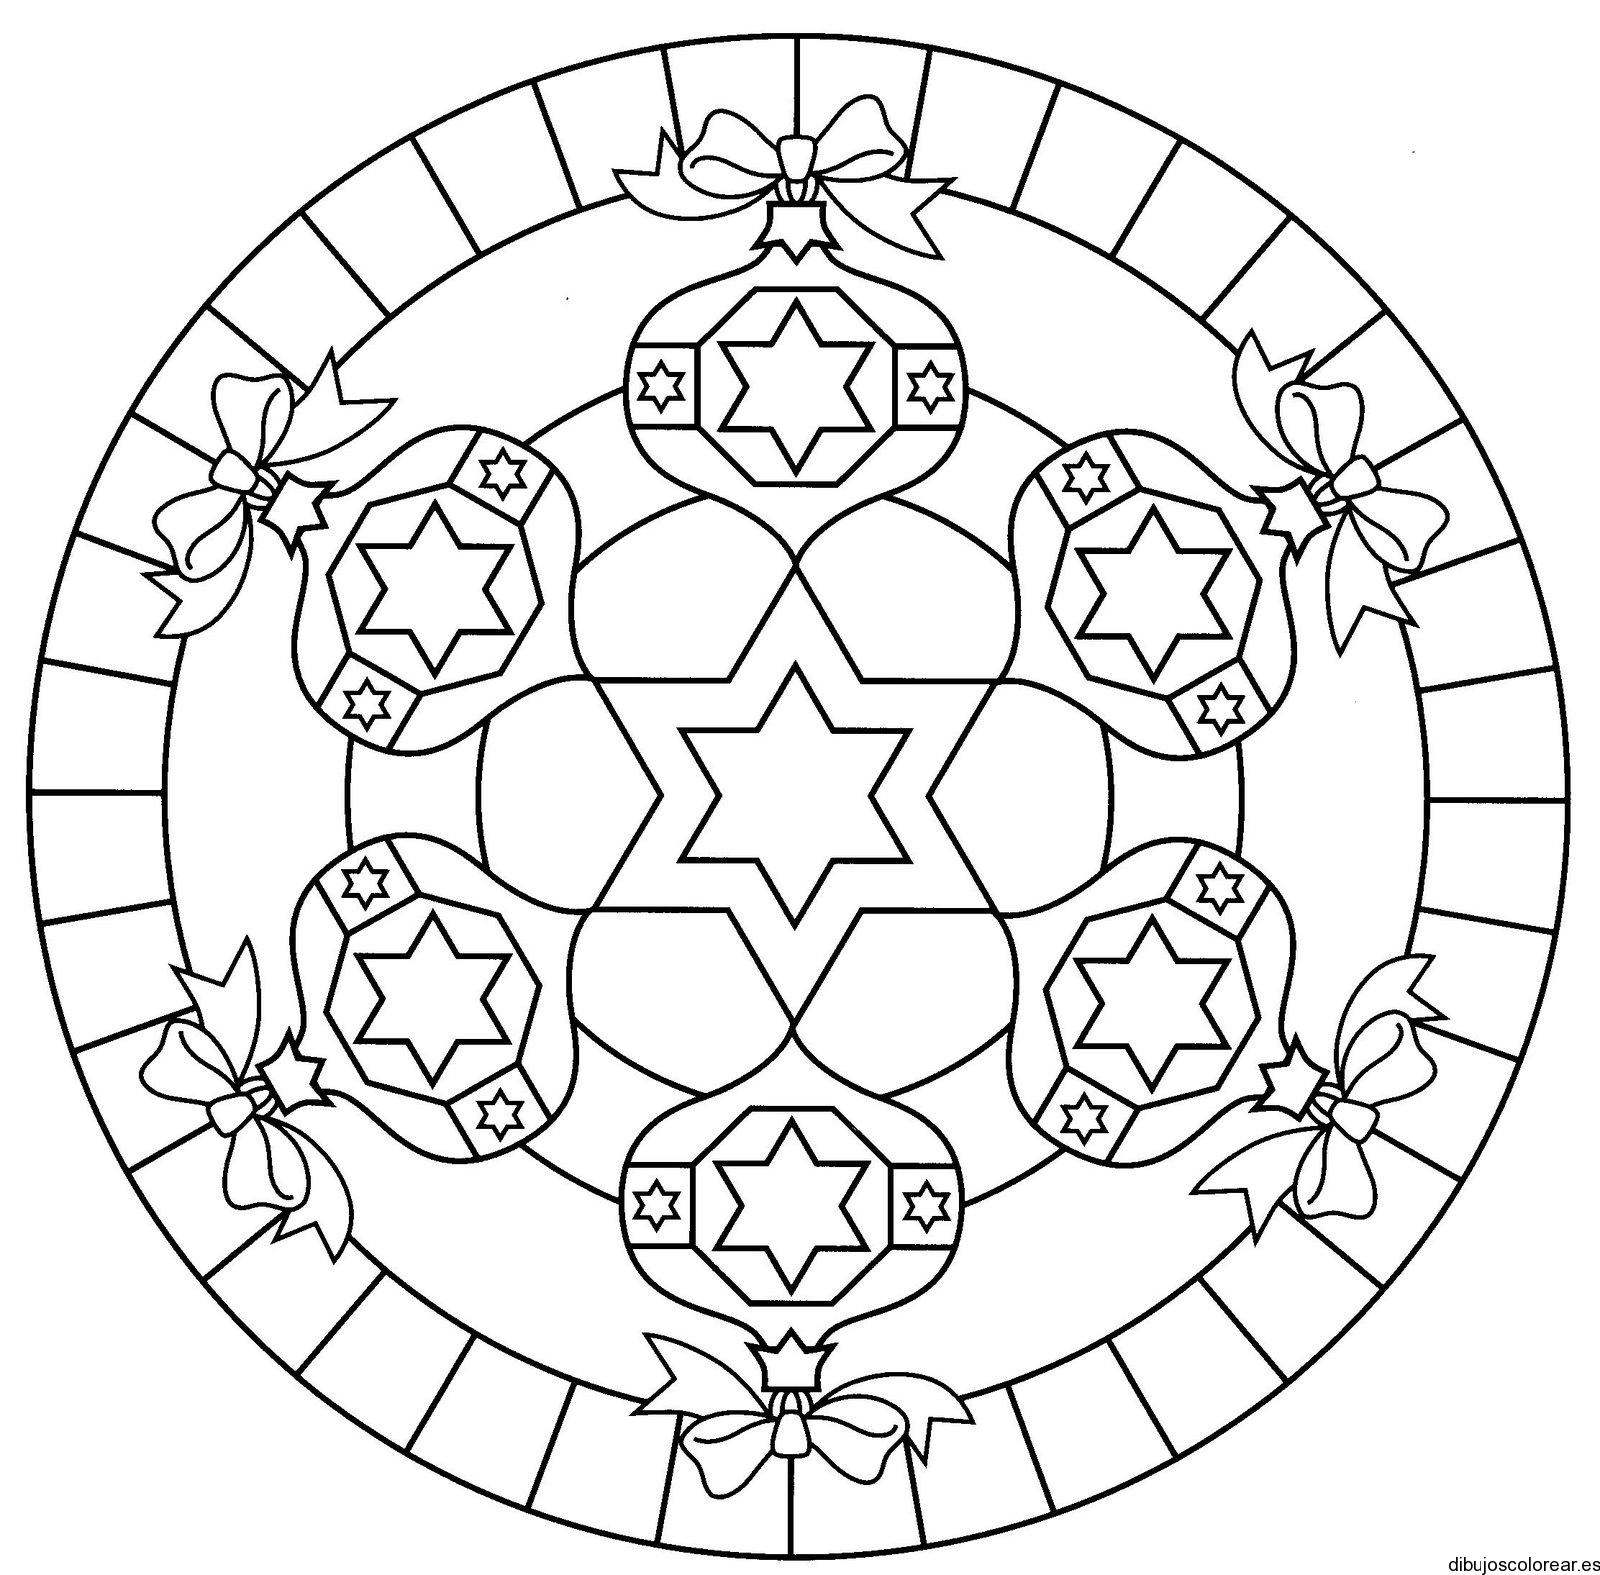 Dibujo de un círculo con esferas navideñas